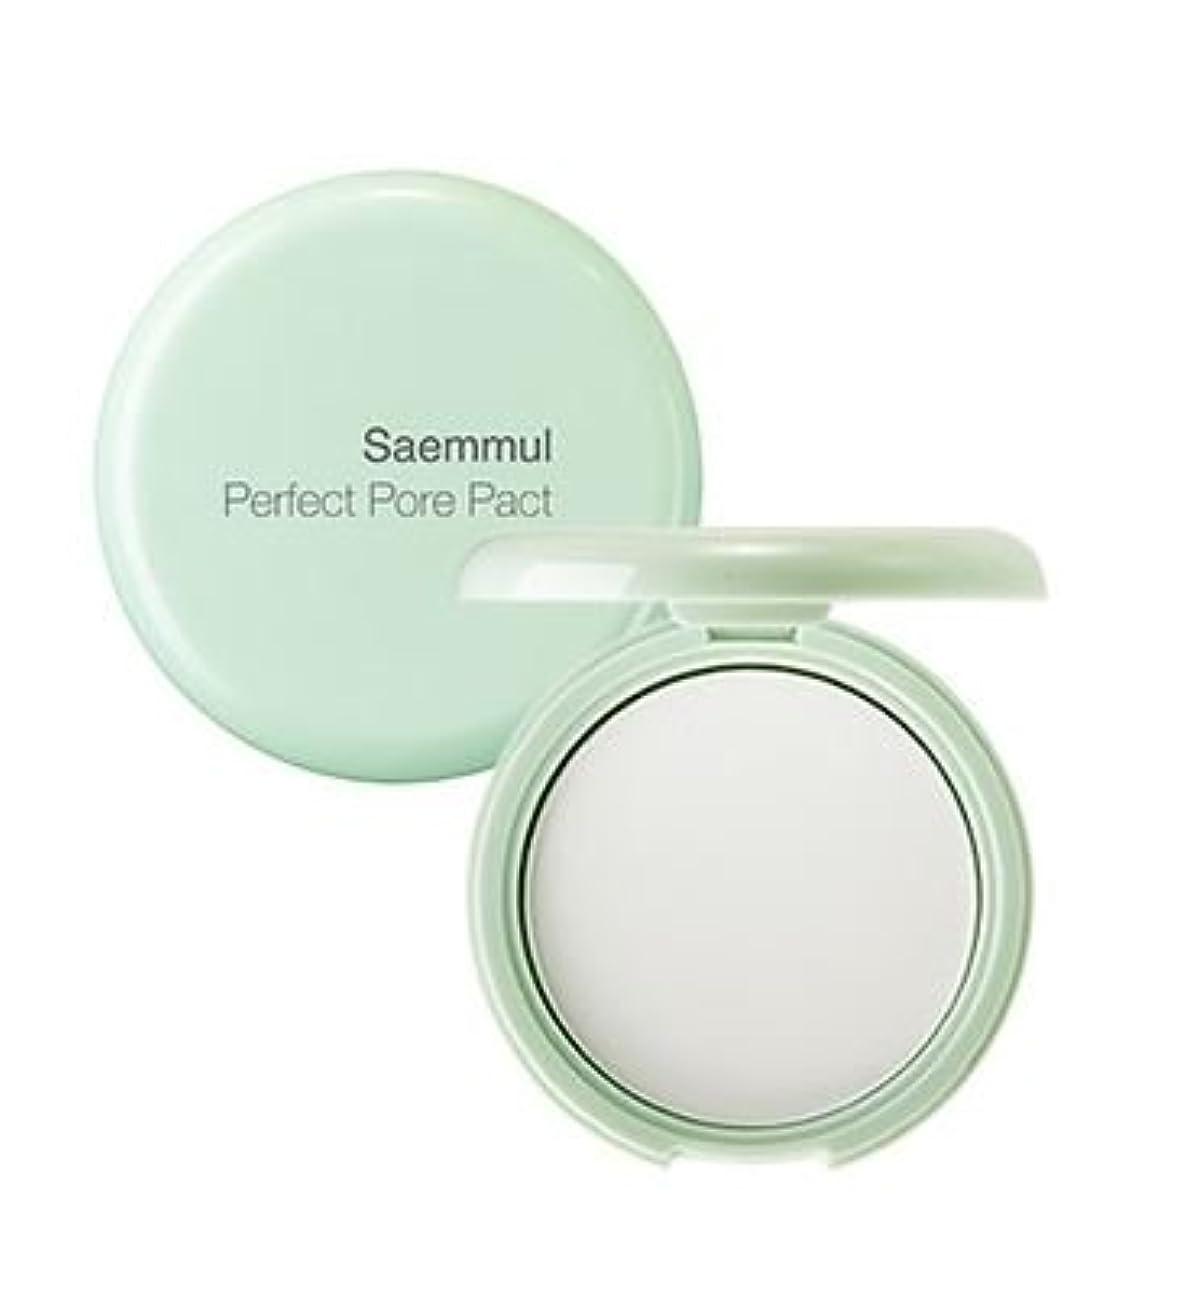 施し歌コーナーザセム[The Saem]センムルセンムルポアパーフェクトパクト The Saem Saemmul Perfect Pore Pact